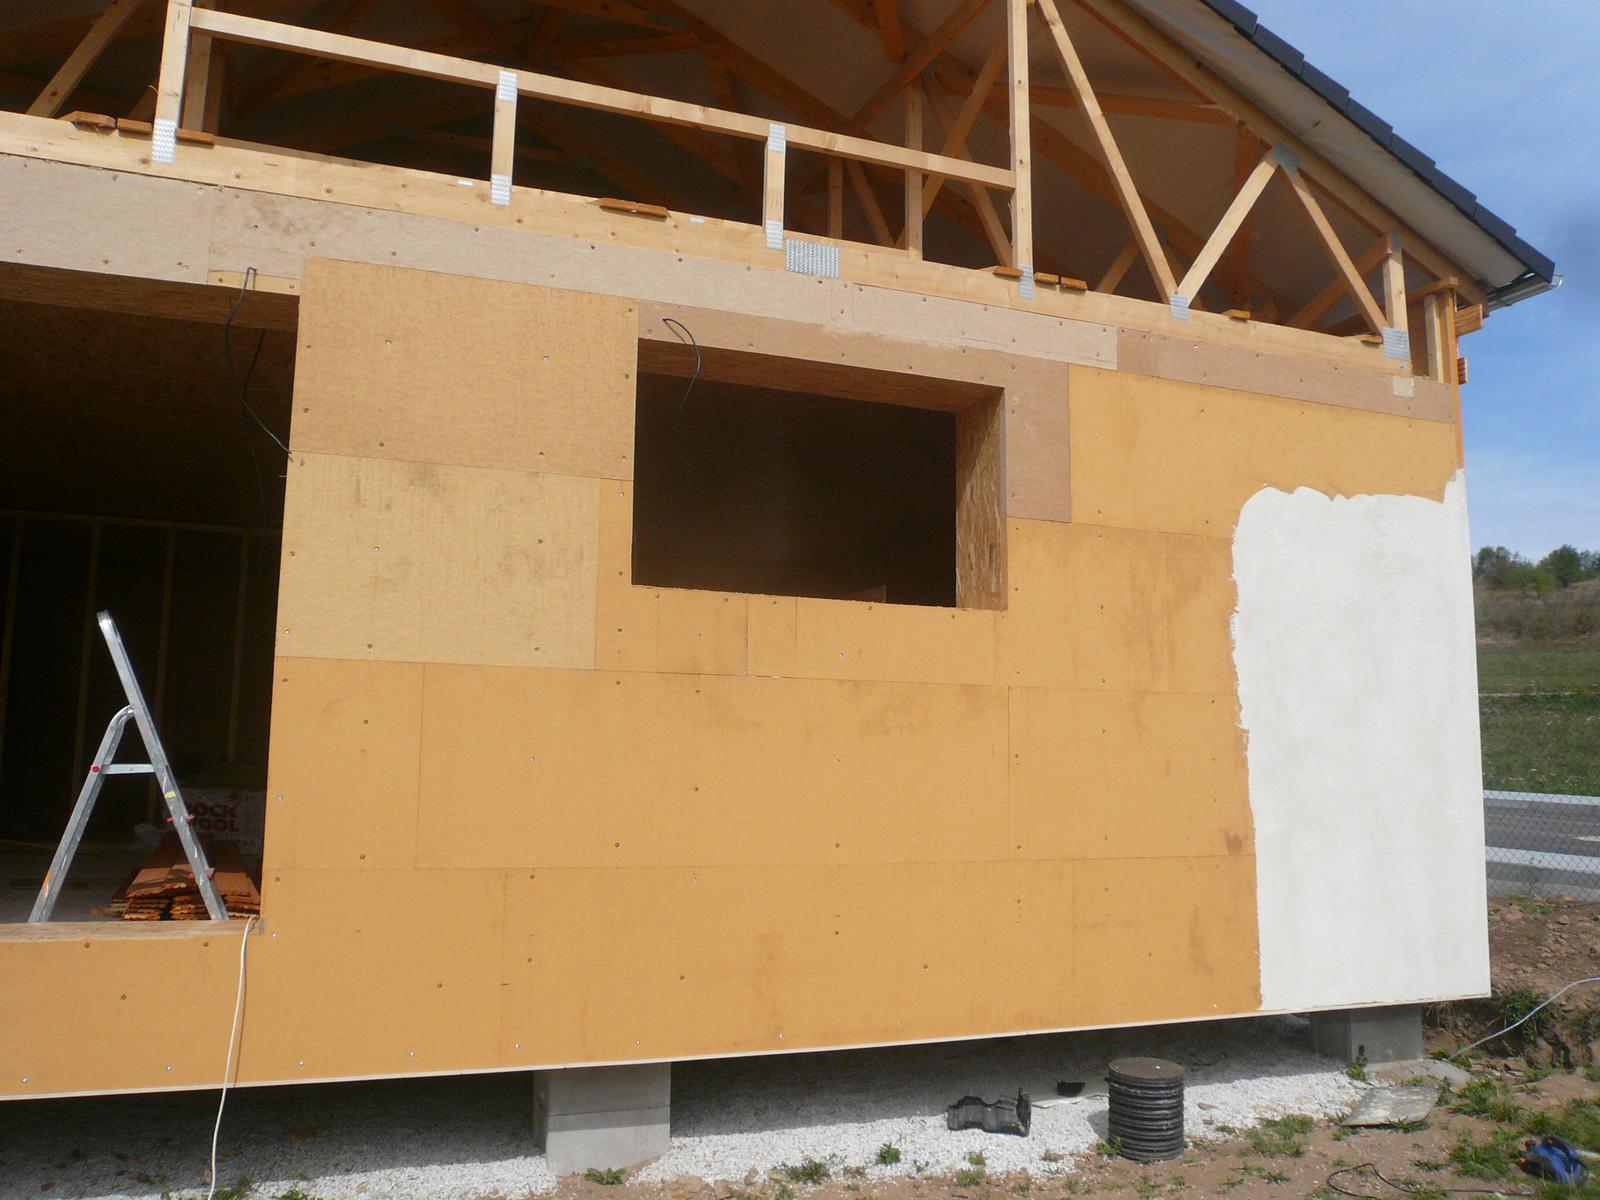 Pasivní dřevostavba na betonových patkách S. Hoštice - zaklopení dřevodeskami Pavatex Isolair 52mm